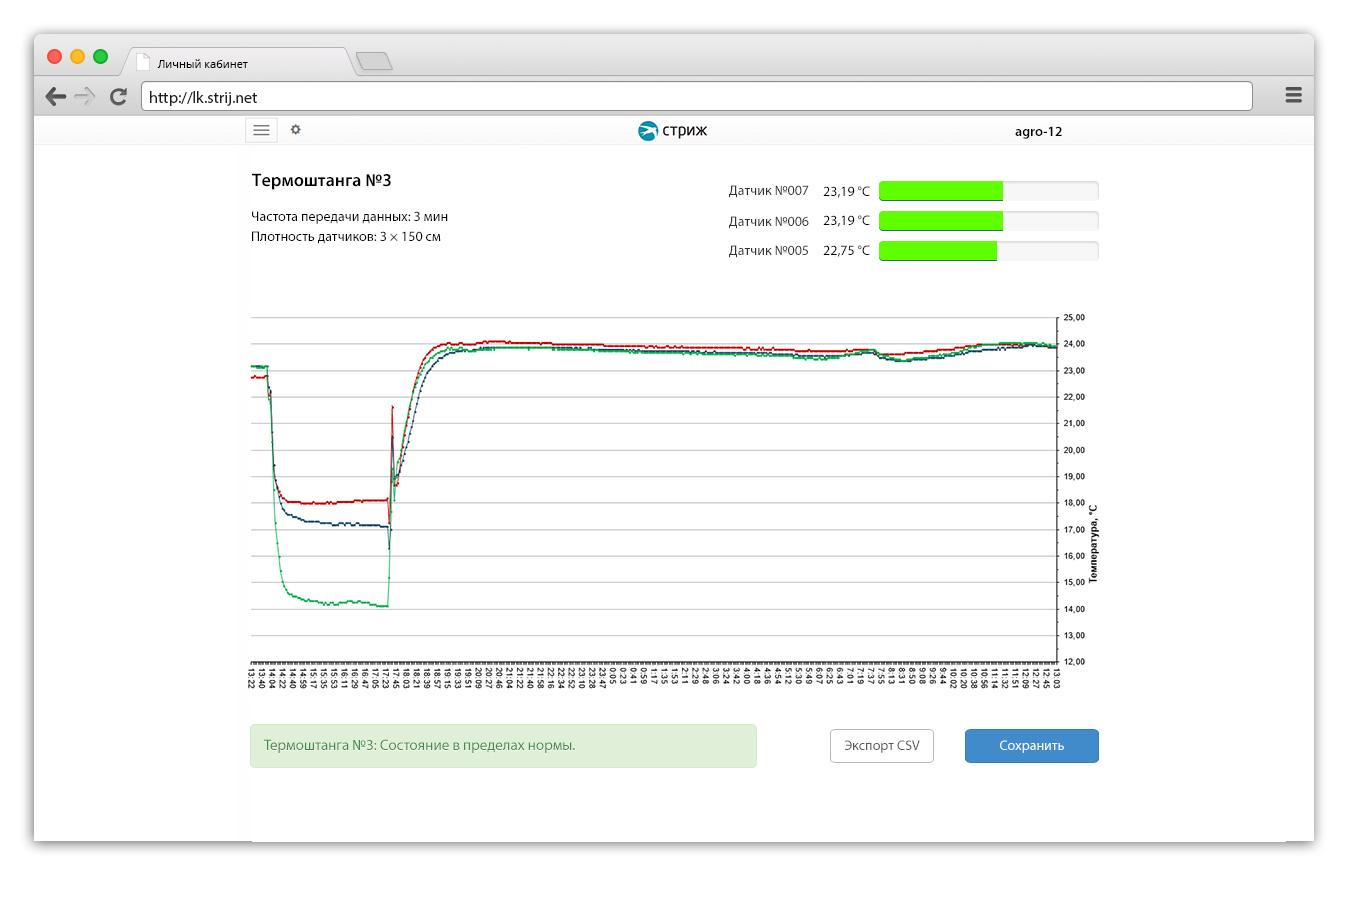 Веб-интерфейс для контроля температуры овощей